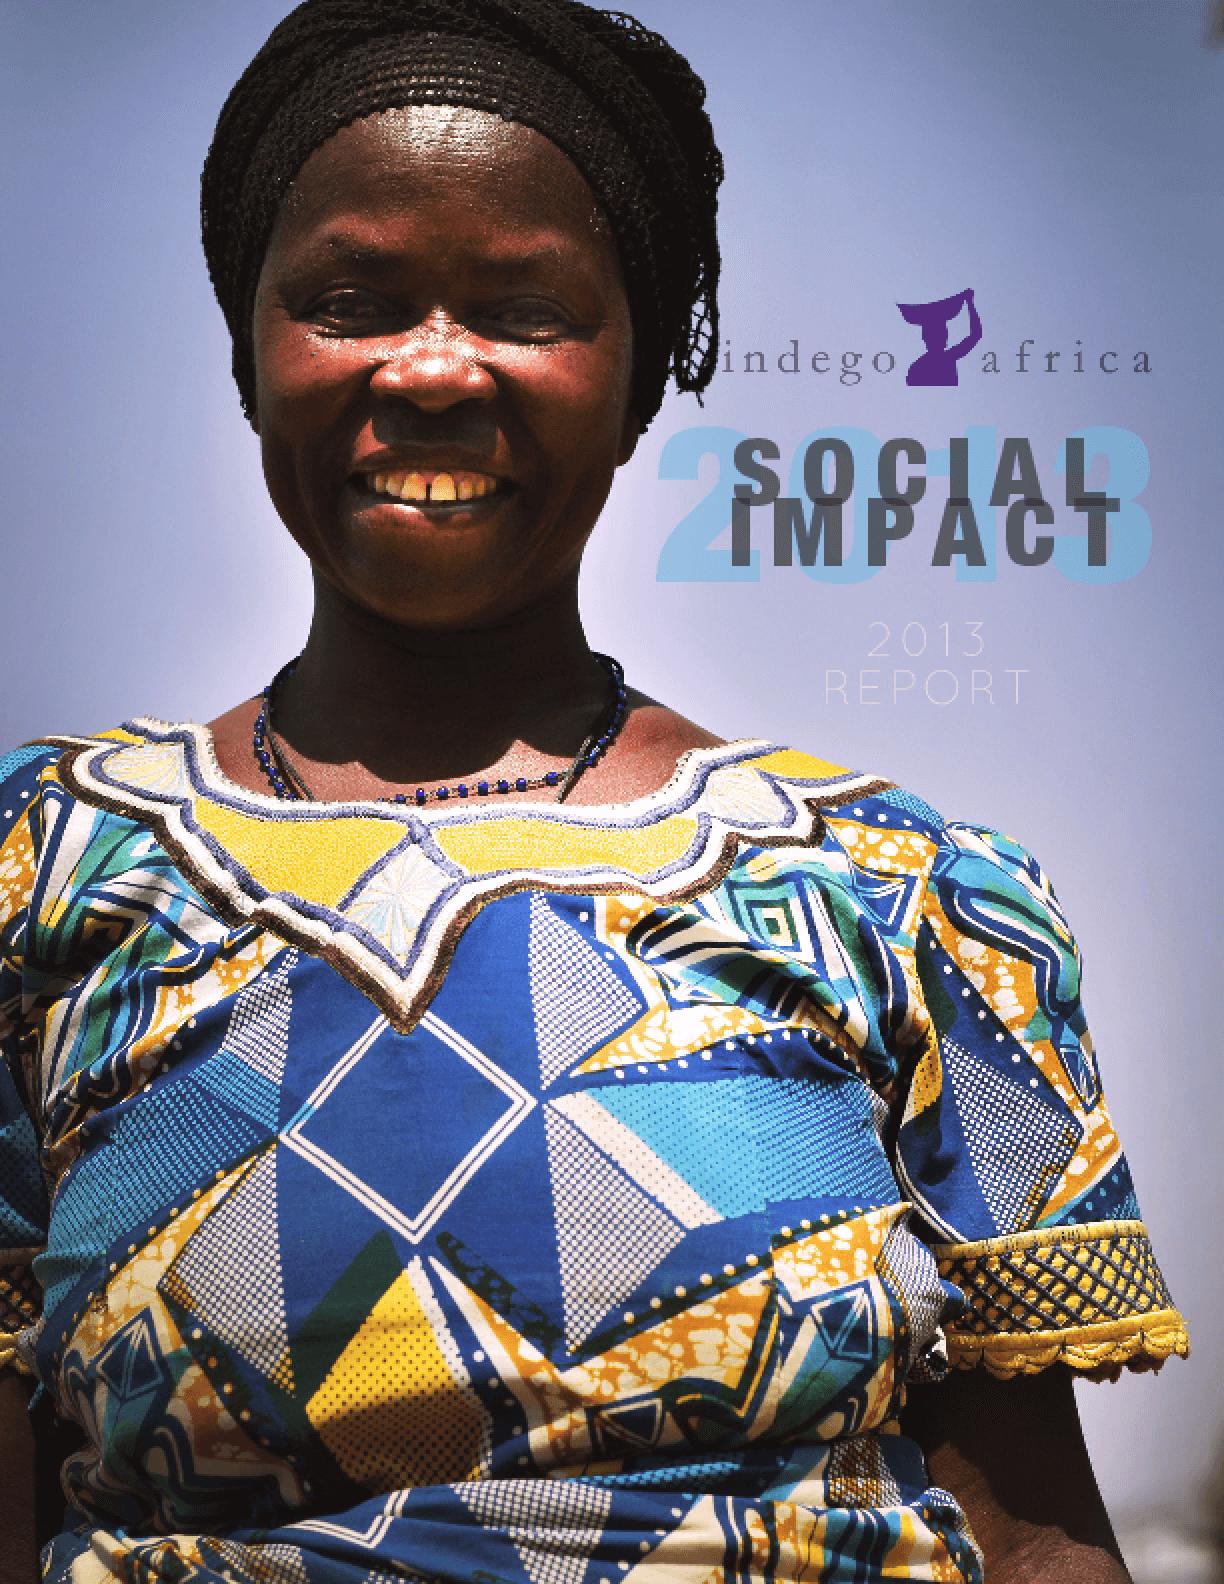 Social Impact Report 2013